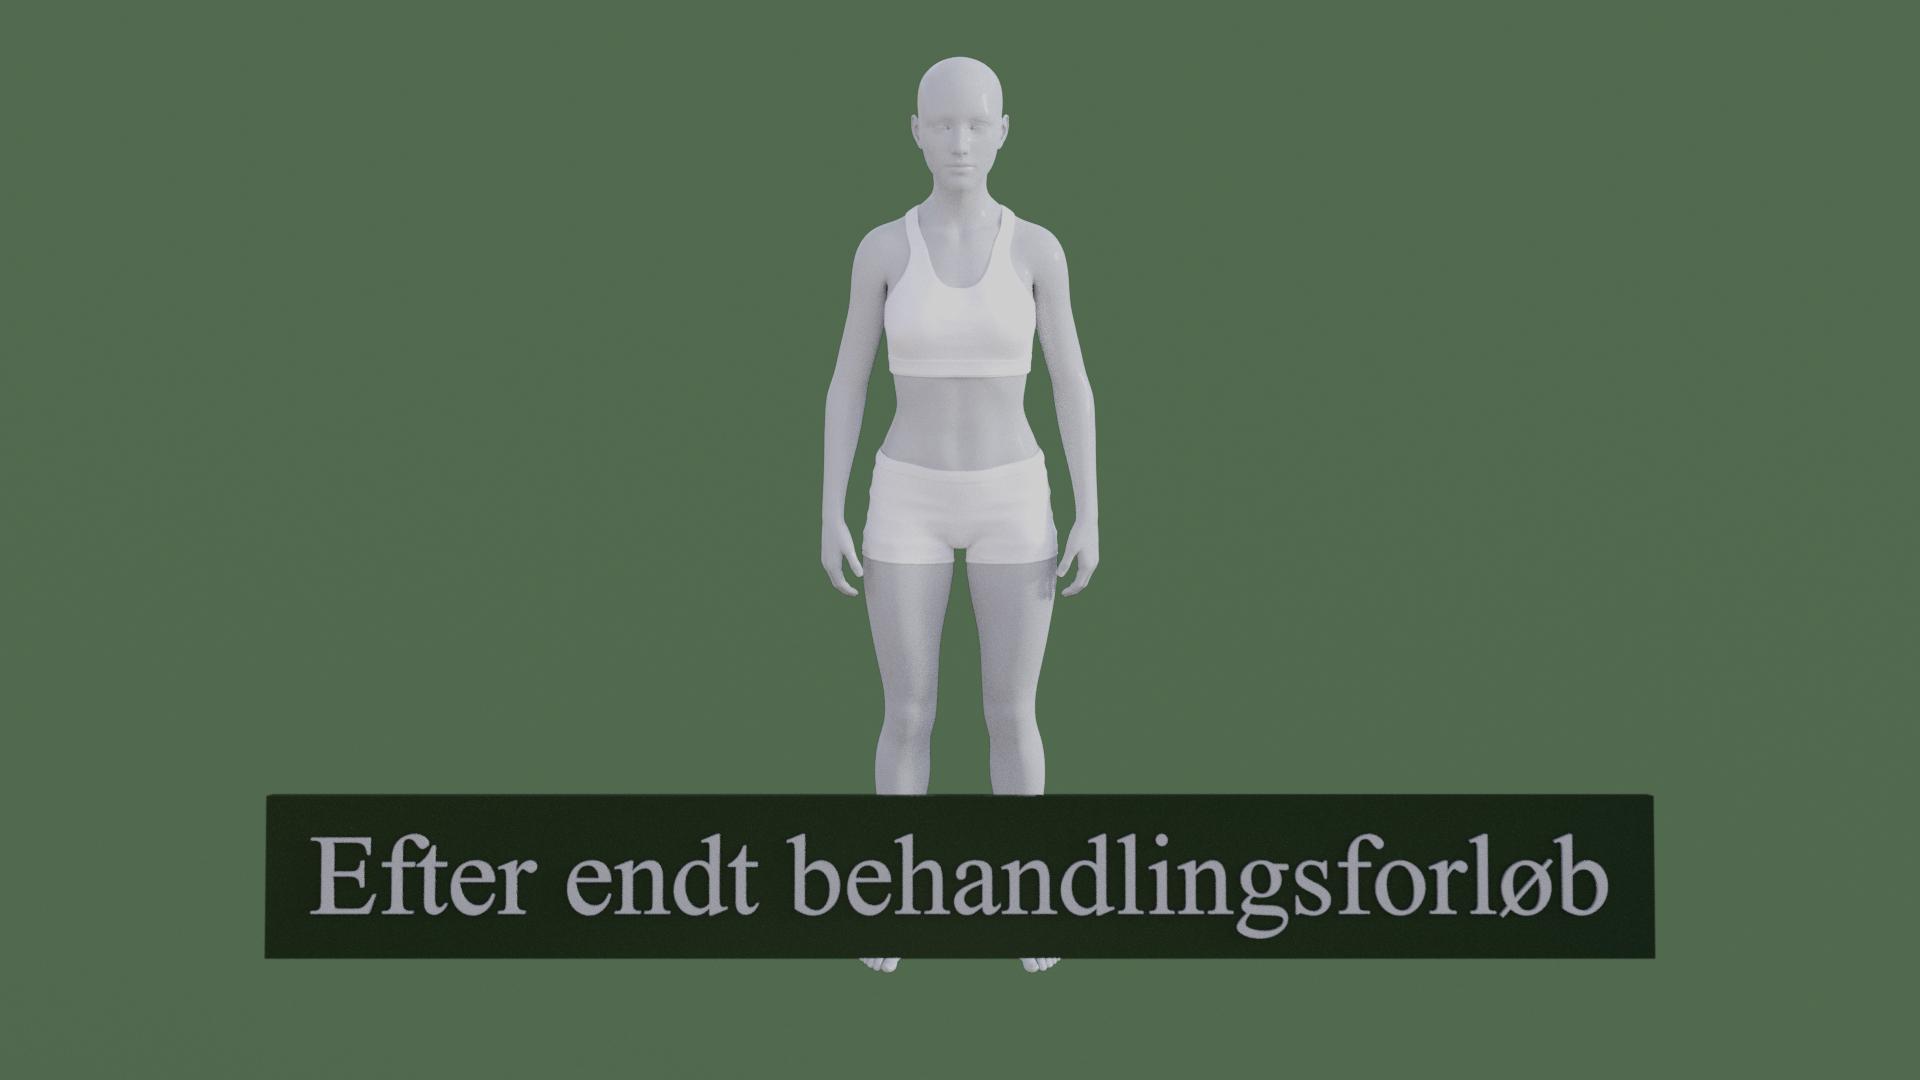 Billedet viser den samme 3D figur, men med en meget bedre kropsholdning. Figuren står meget mere rank.